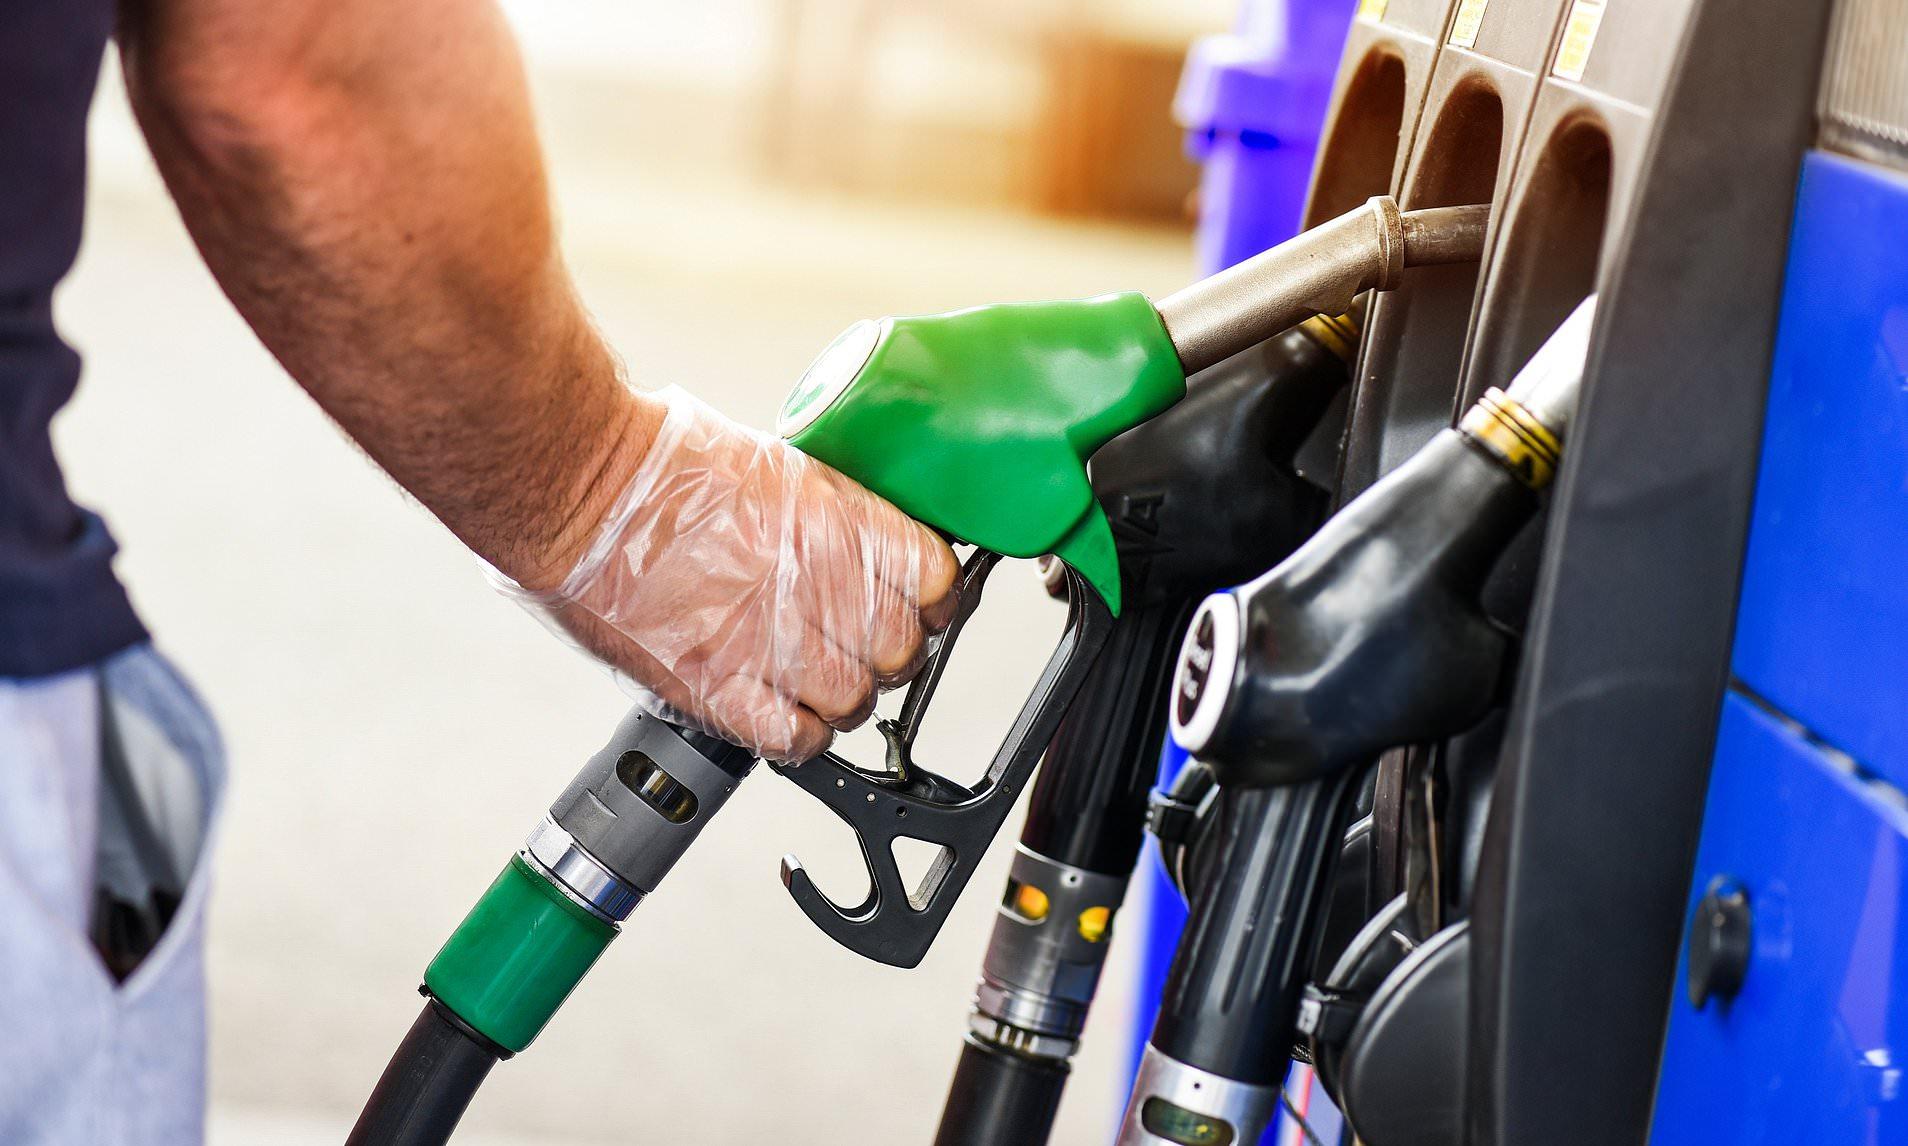 Giá xăng dầu hôm nay 1/9: Phục hồi trở lại sau khi giảm 1% vào phiên trước